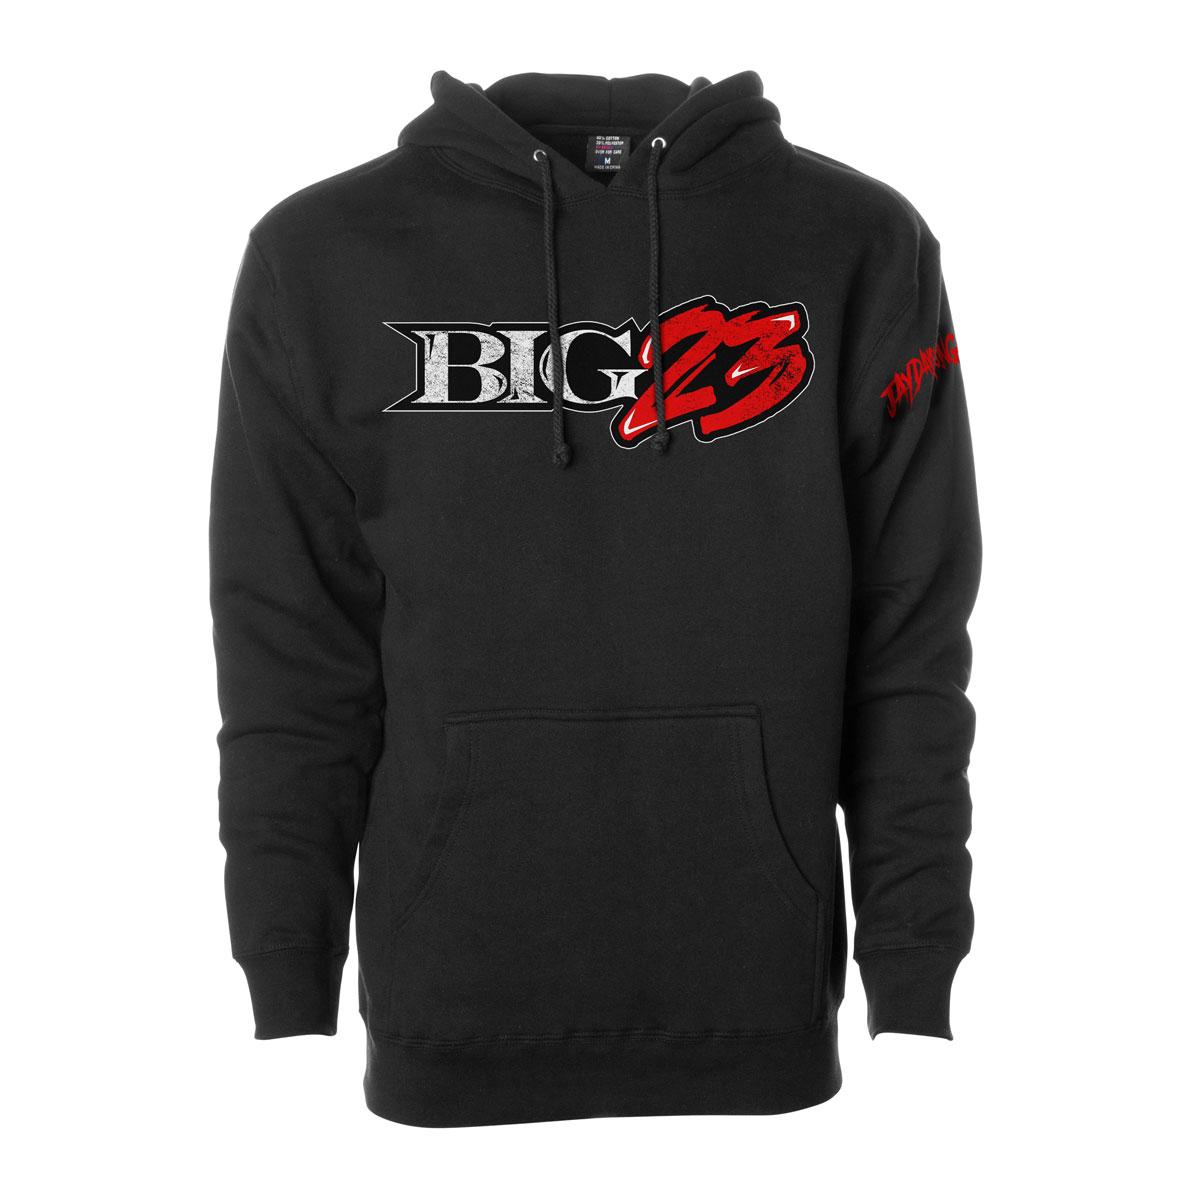 Big23 Hoodie